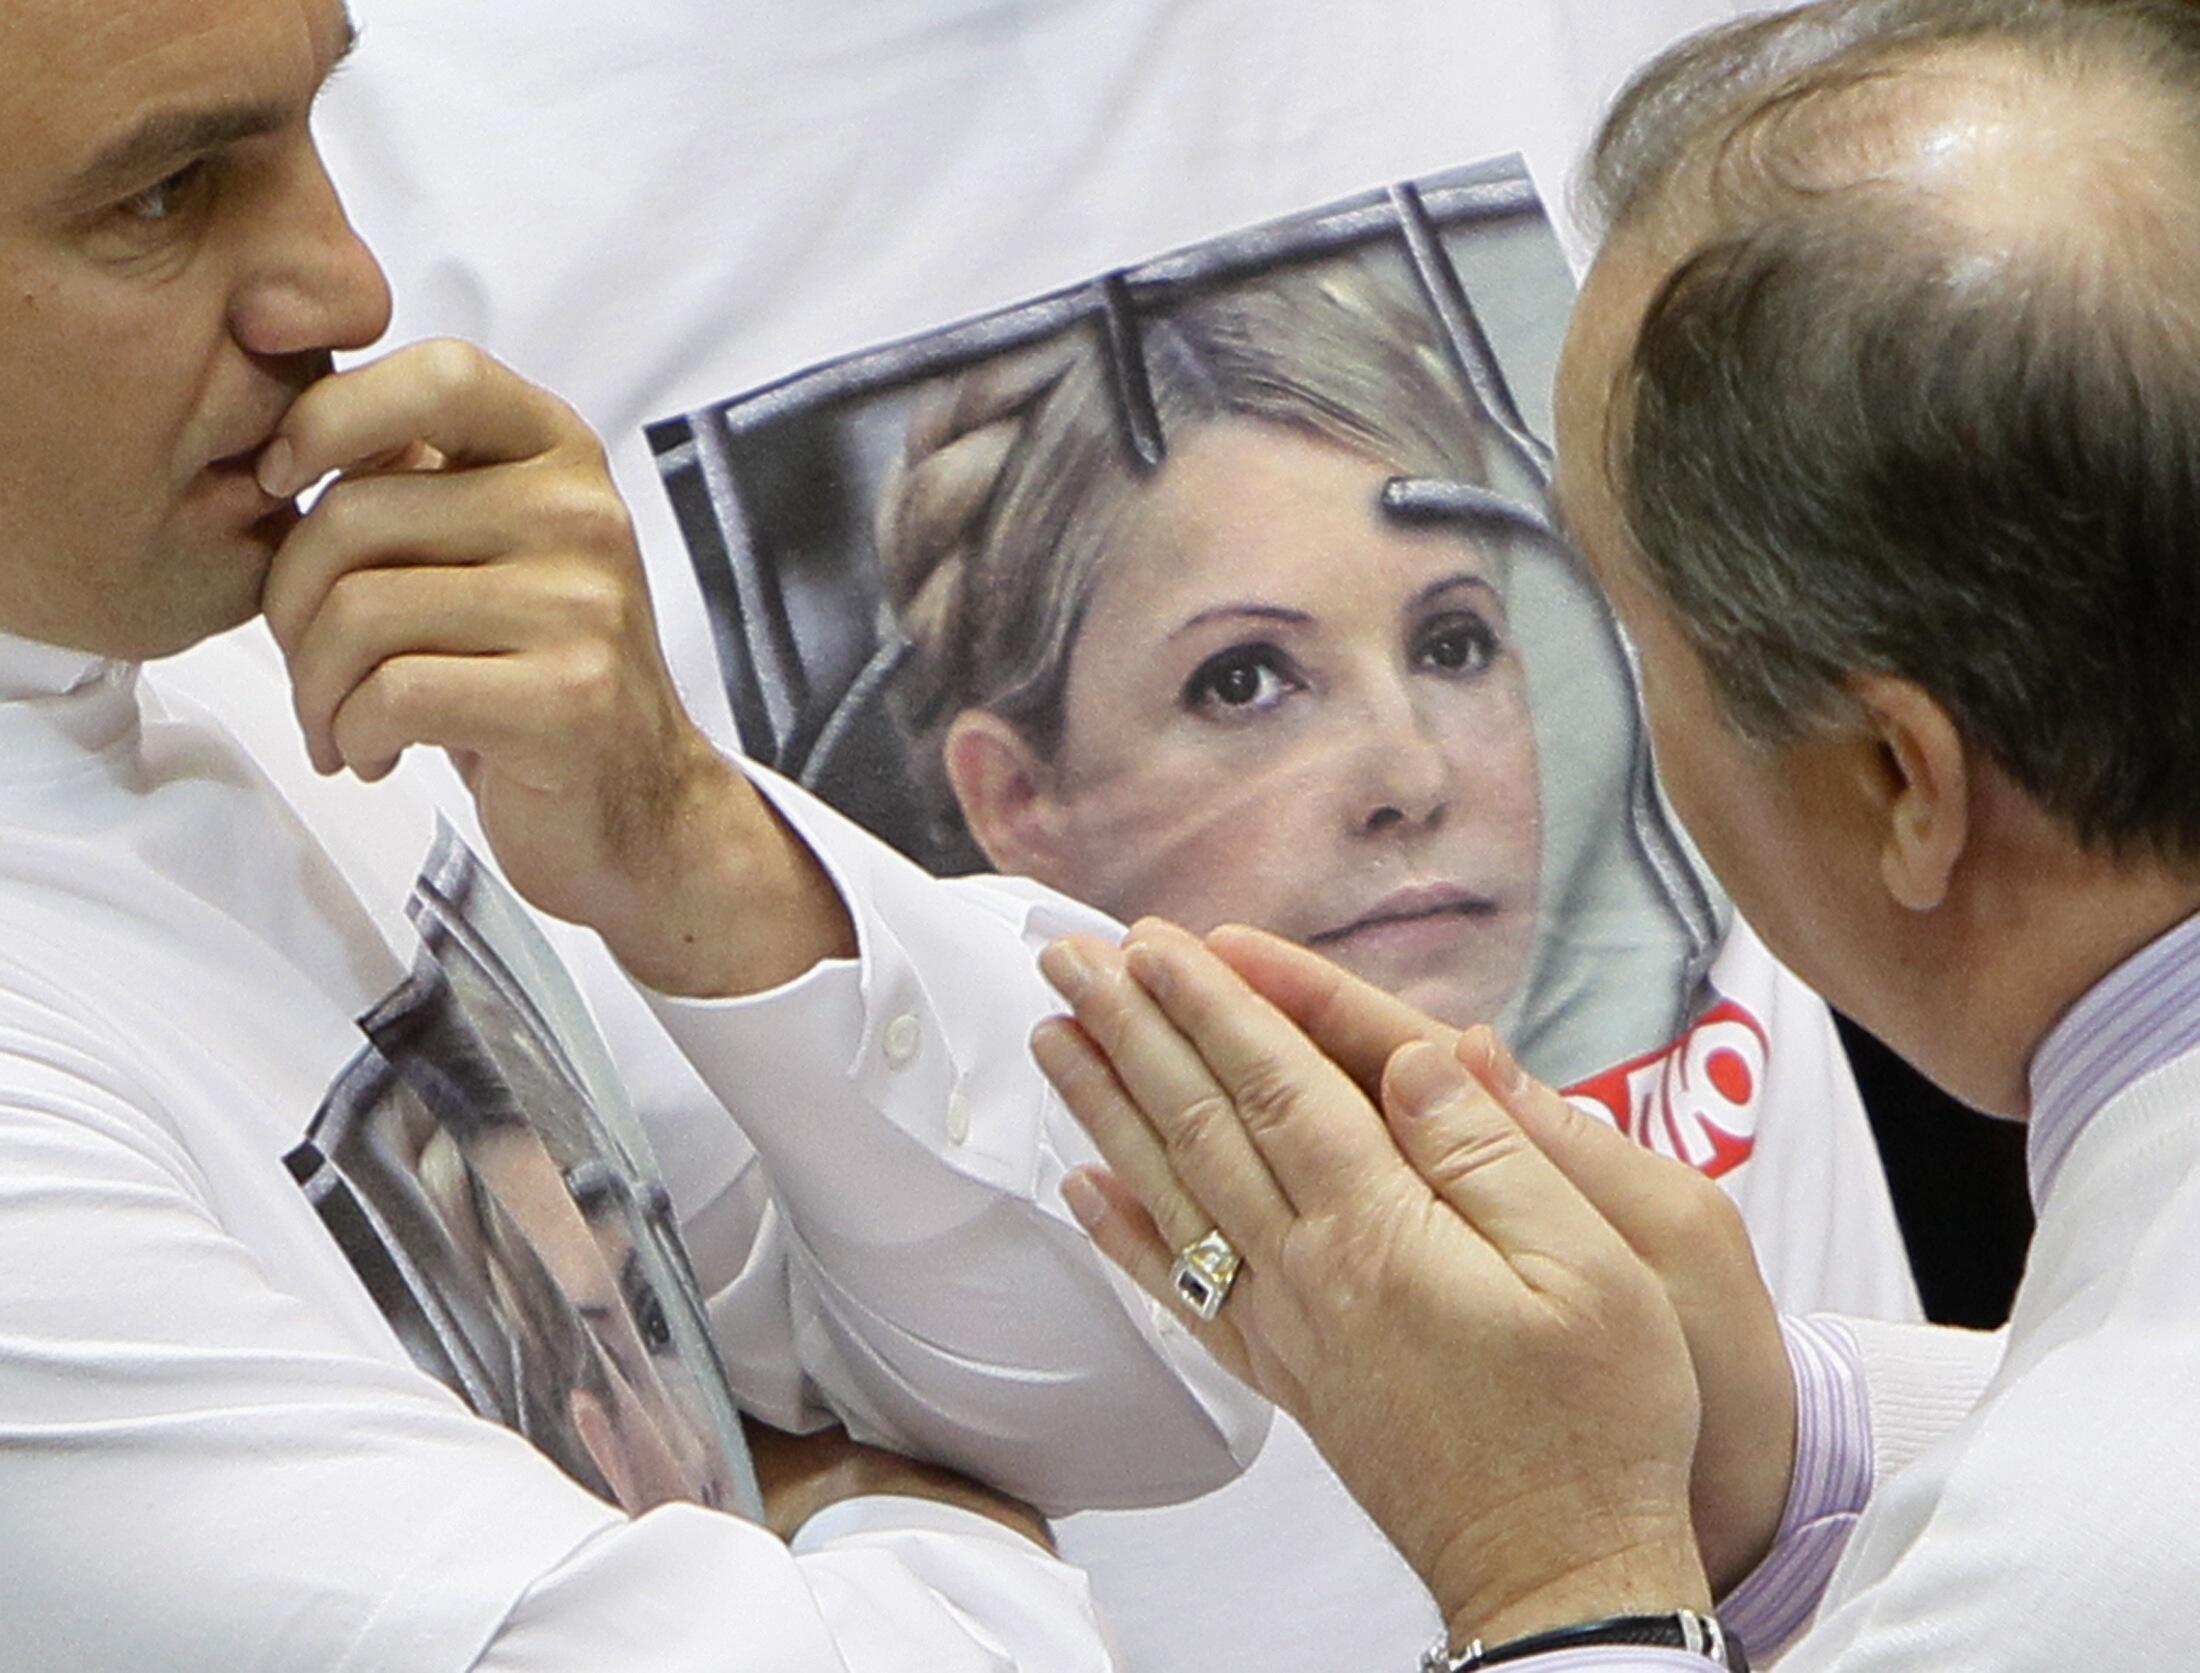 Các thành viên đảng đối lập mặc áo thun có hình Timochenko để đánh động dư luận về số phận của bà - REUTERS /Gleb Garanich